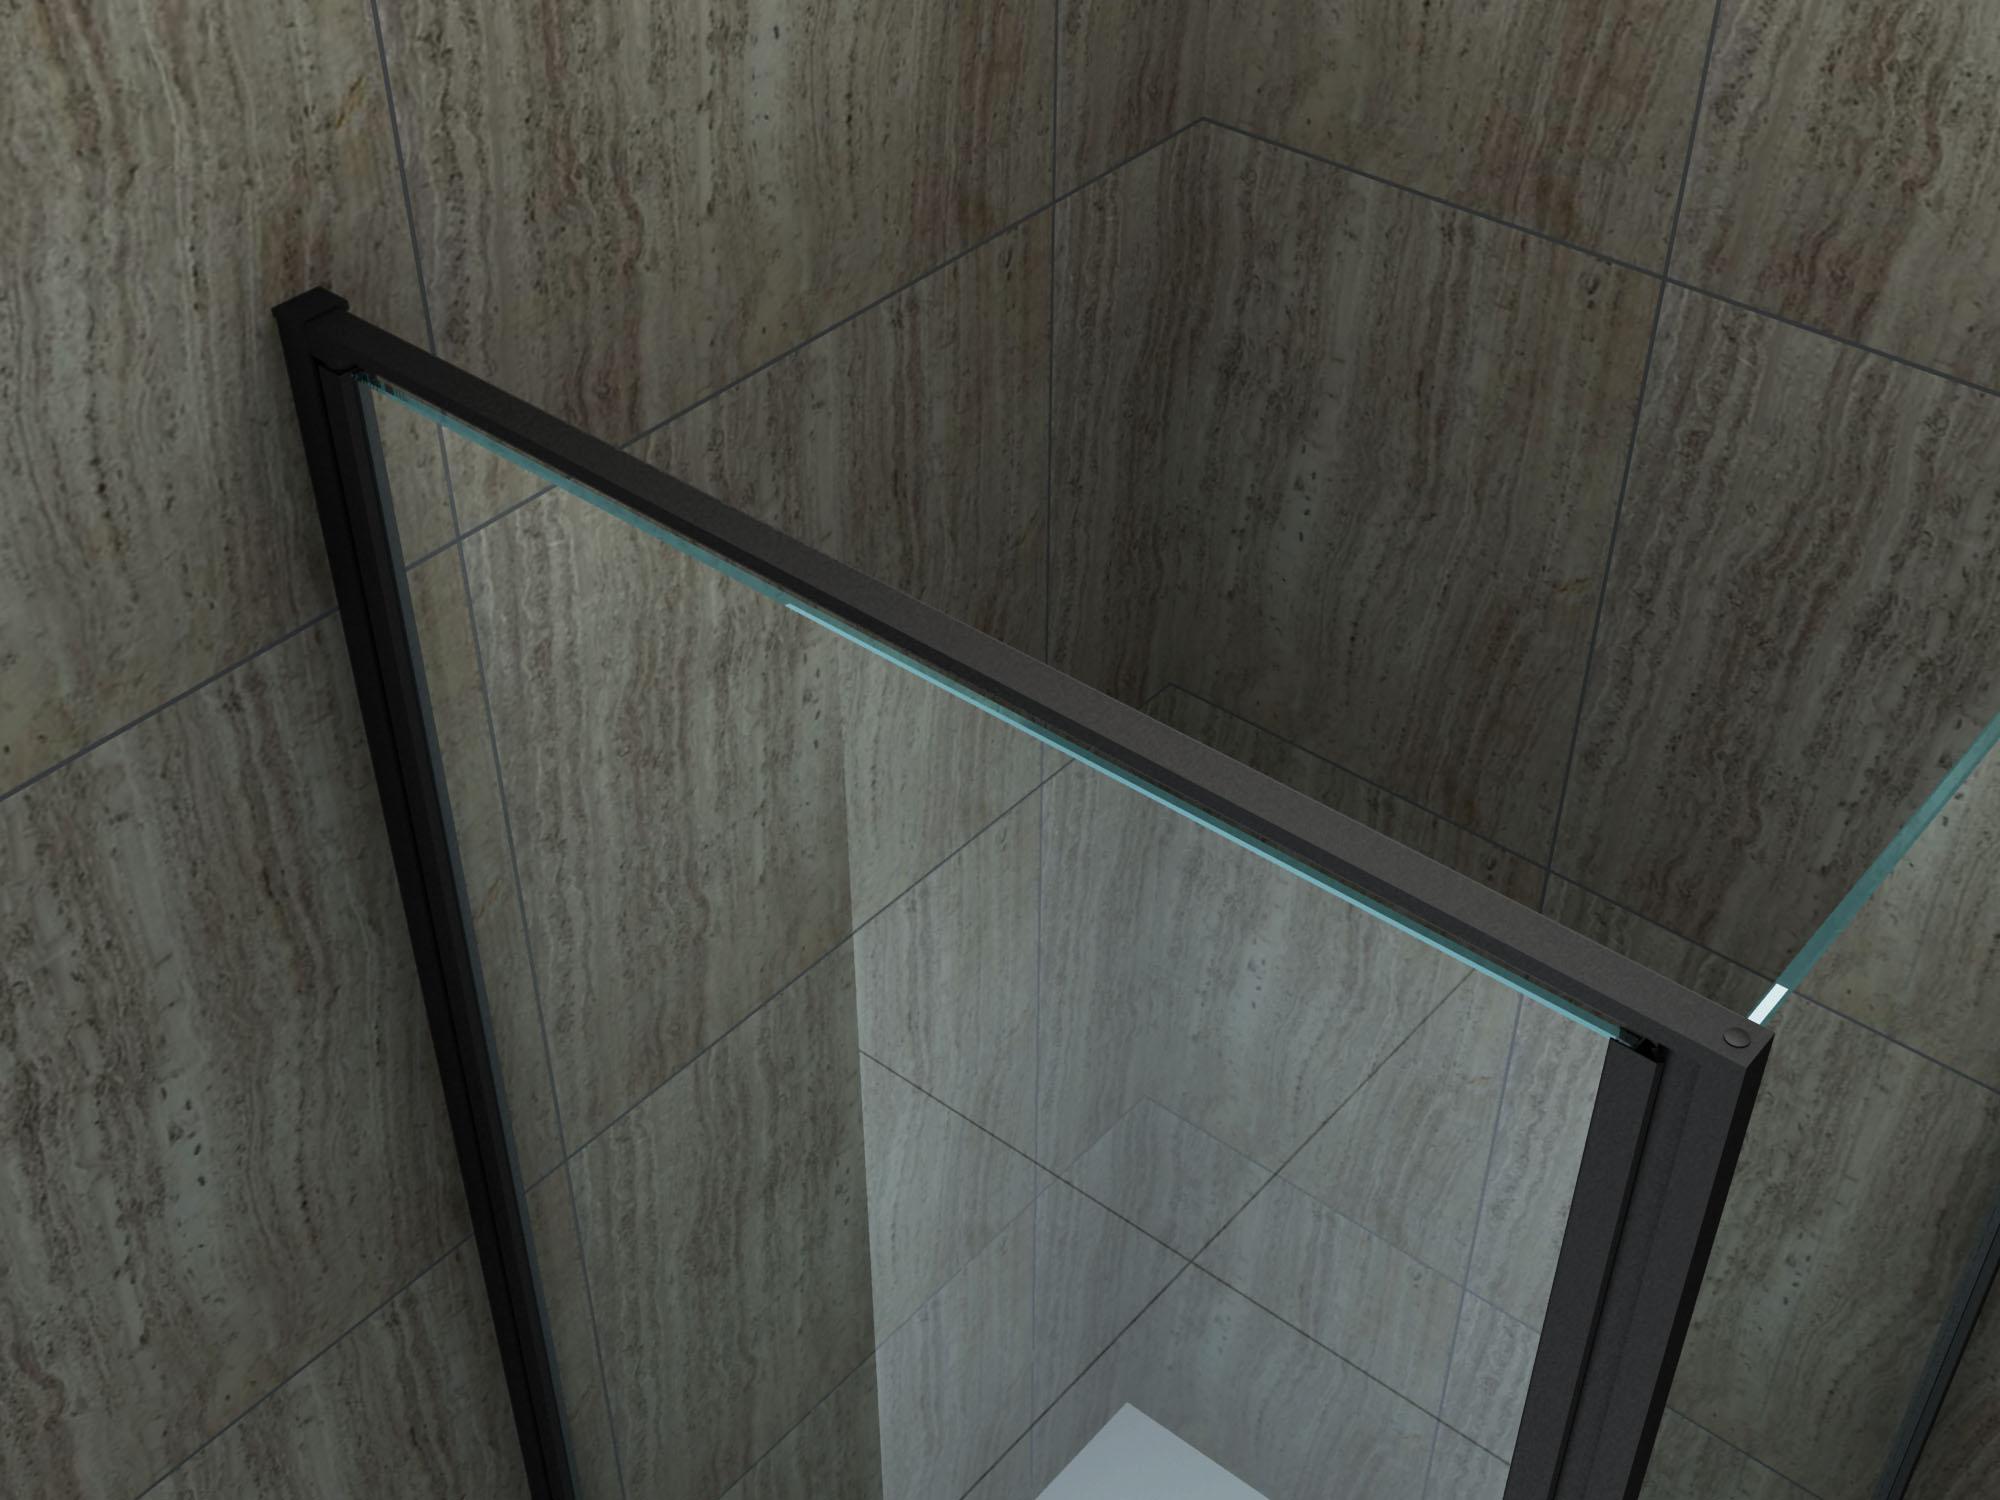 Duschkabine CAPANNO (schwarz) 90 x 90 x 195 cm ohne Duschtasse